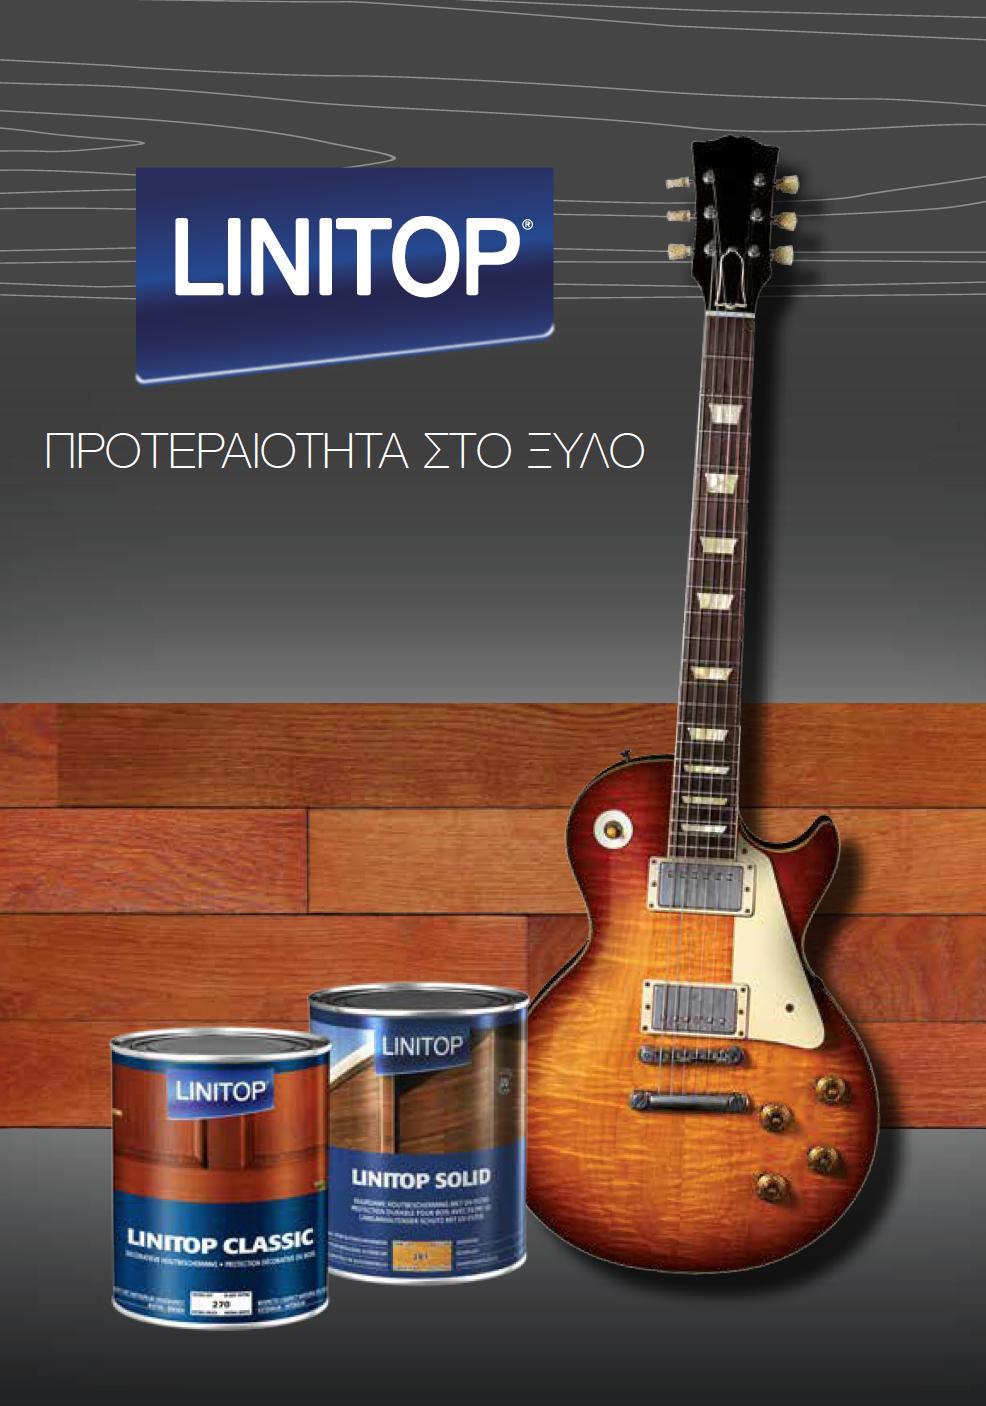 Linitop - Κατάλογος Προϊόντων Ξυλοπροστασίας